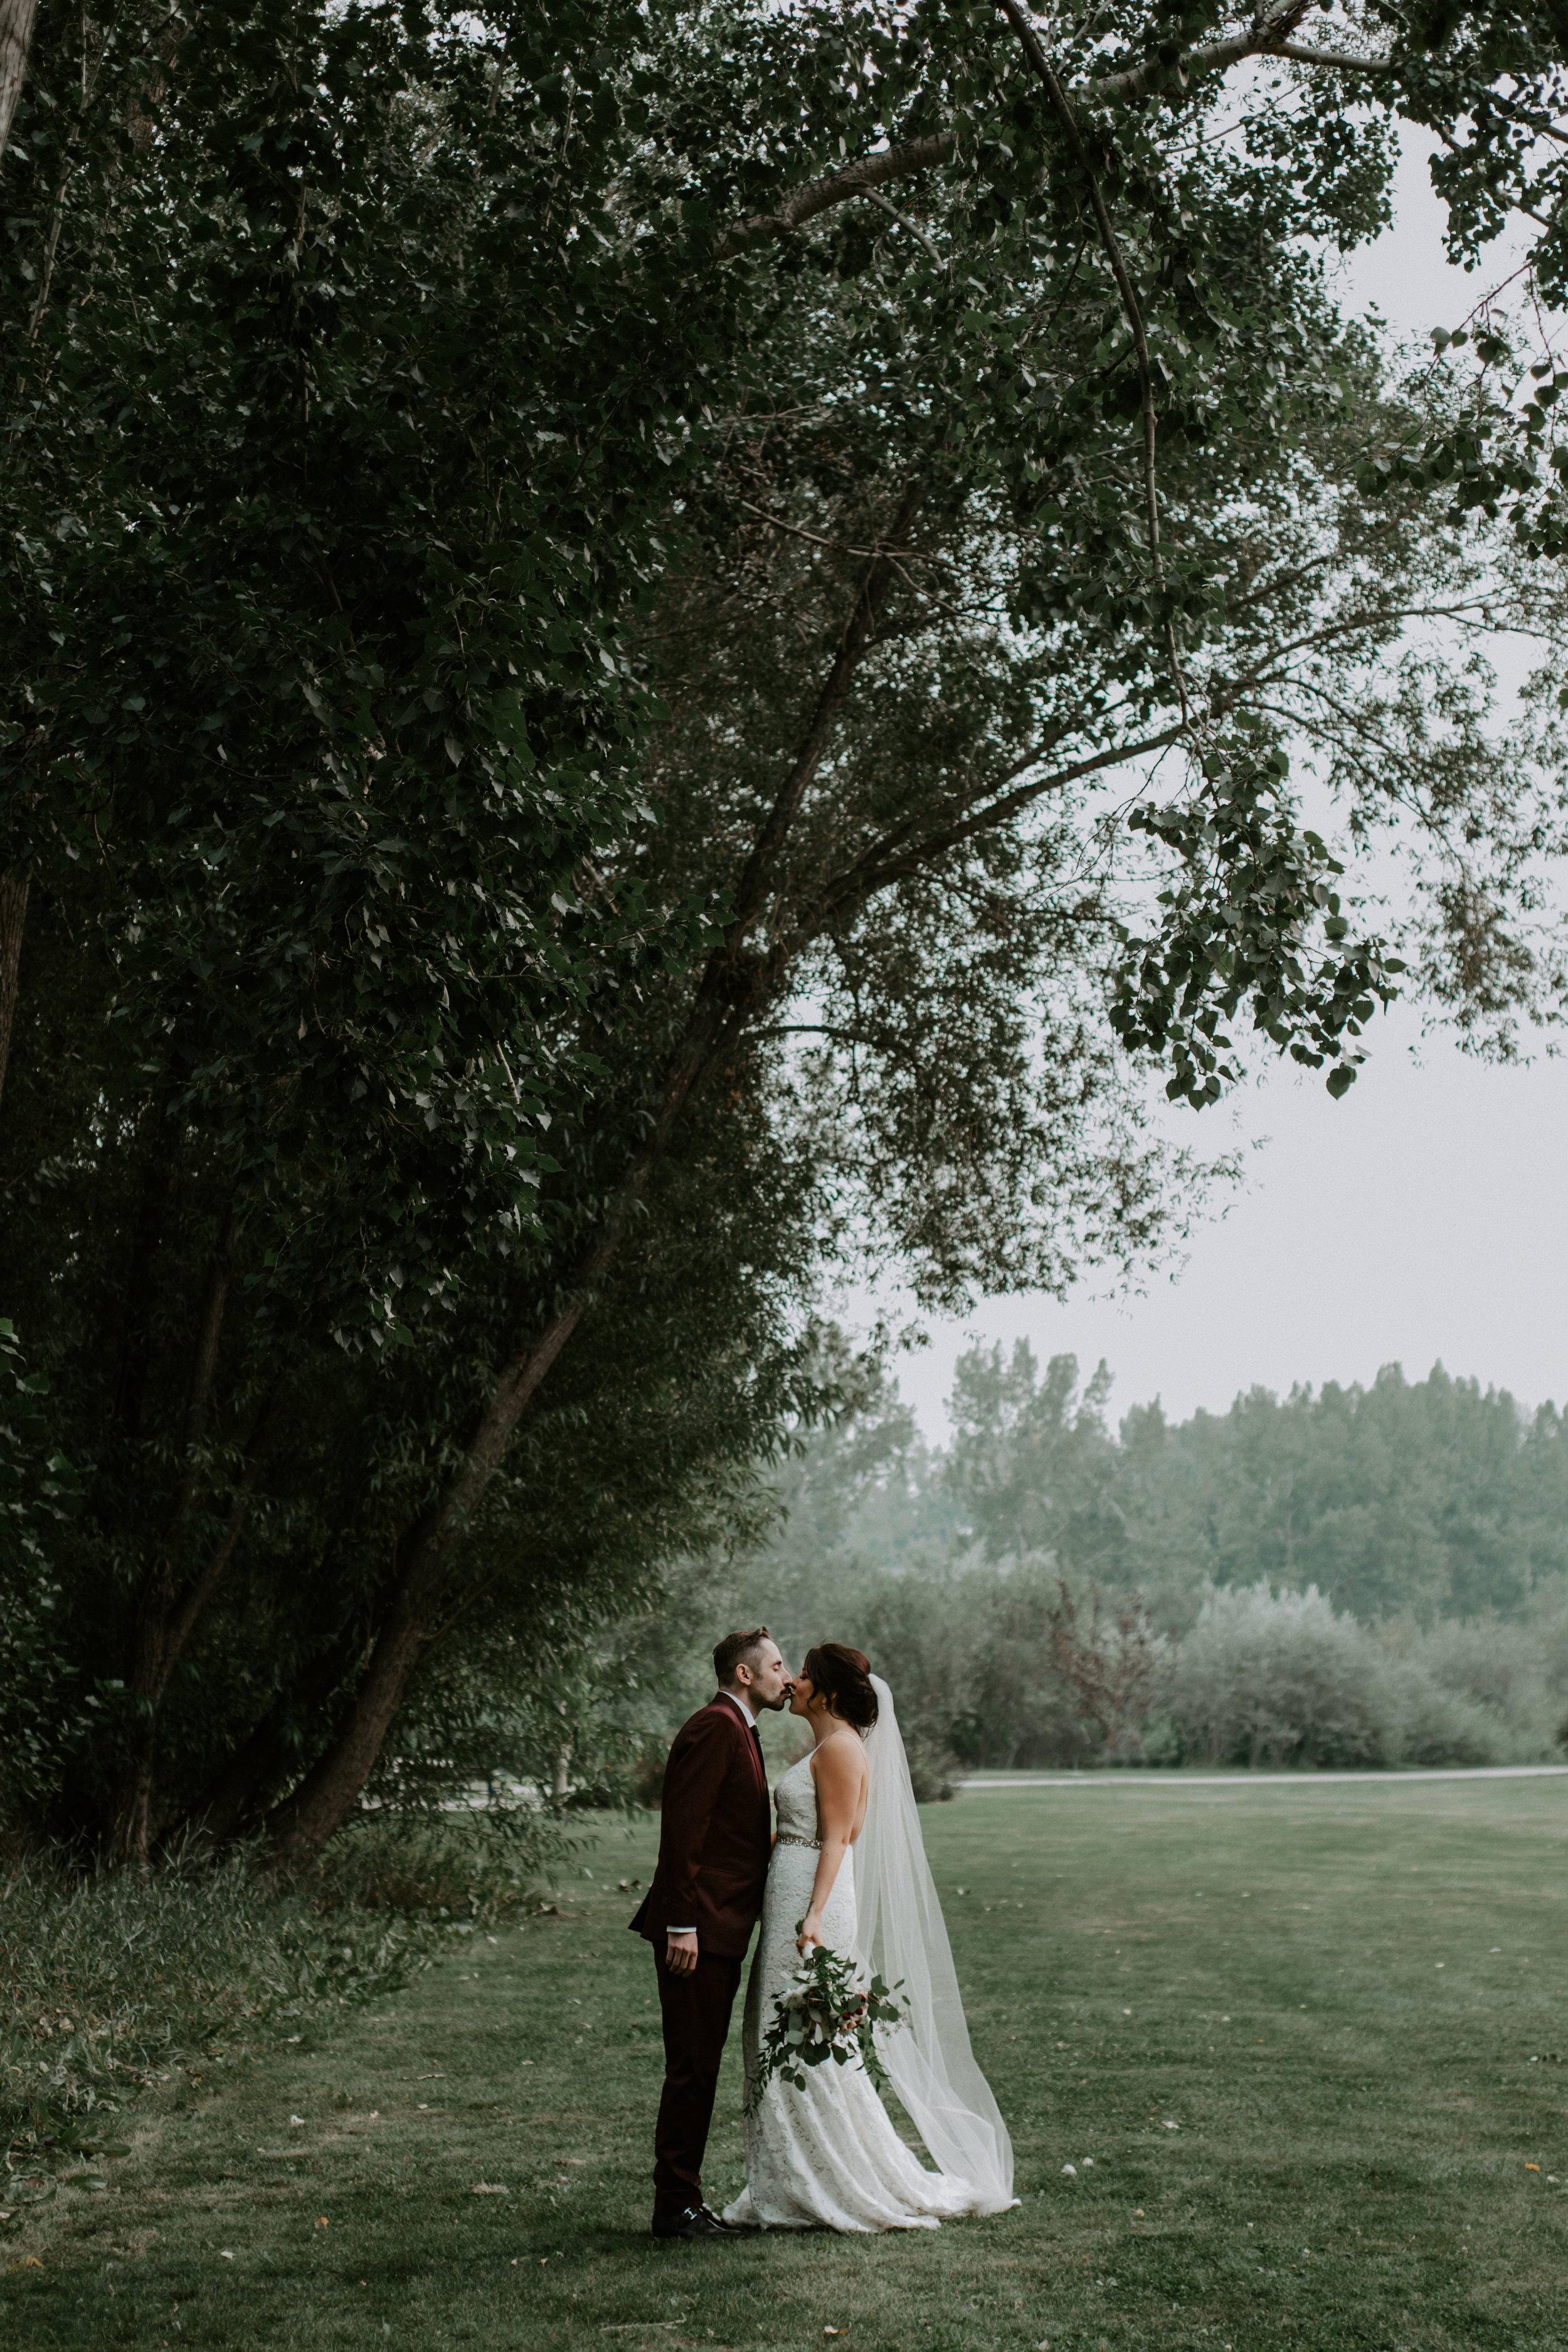 Calgary Wedding Photographer - 63 of 84.jpg